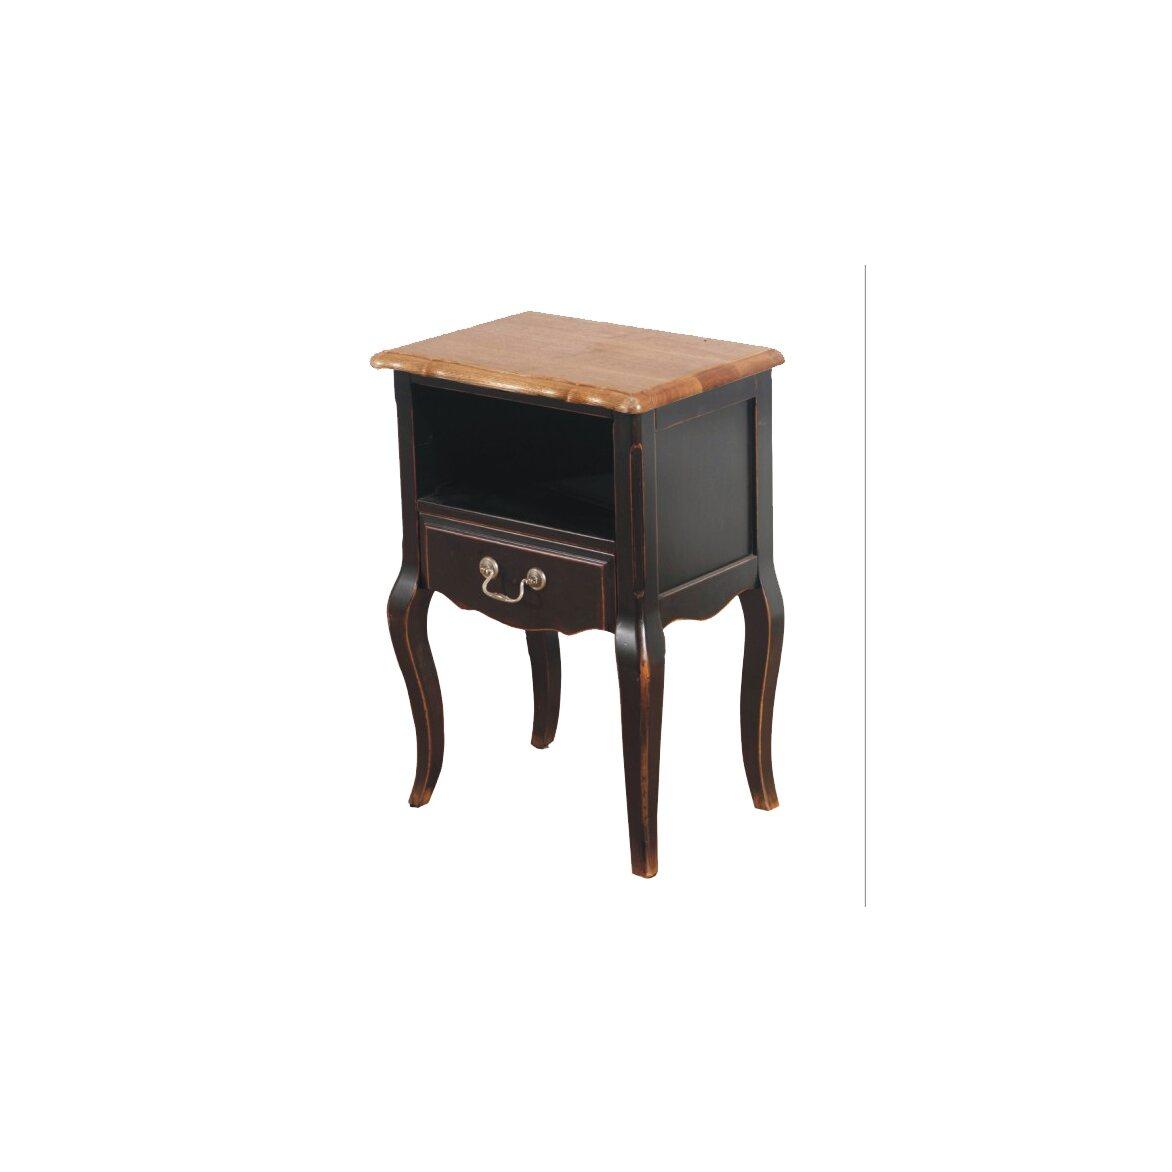 Прикроватная тумба с ящиком и полкой Leontina, черного цвета | Прикроватные тумбы Kingsby